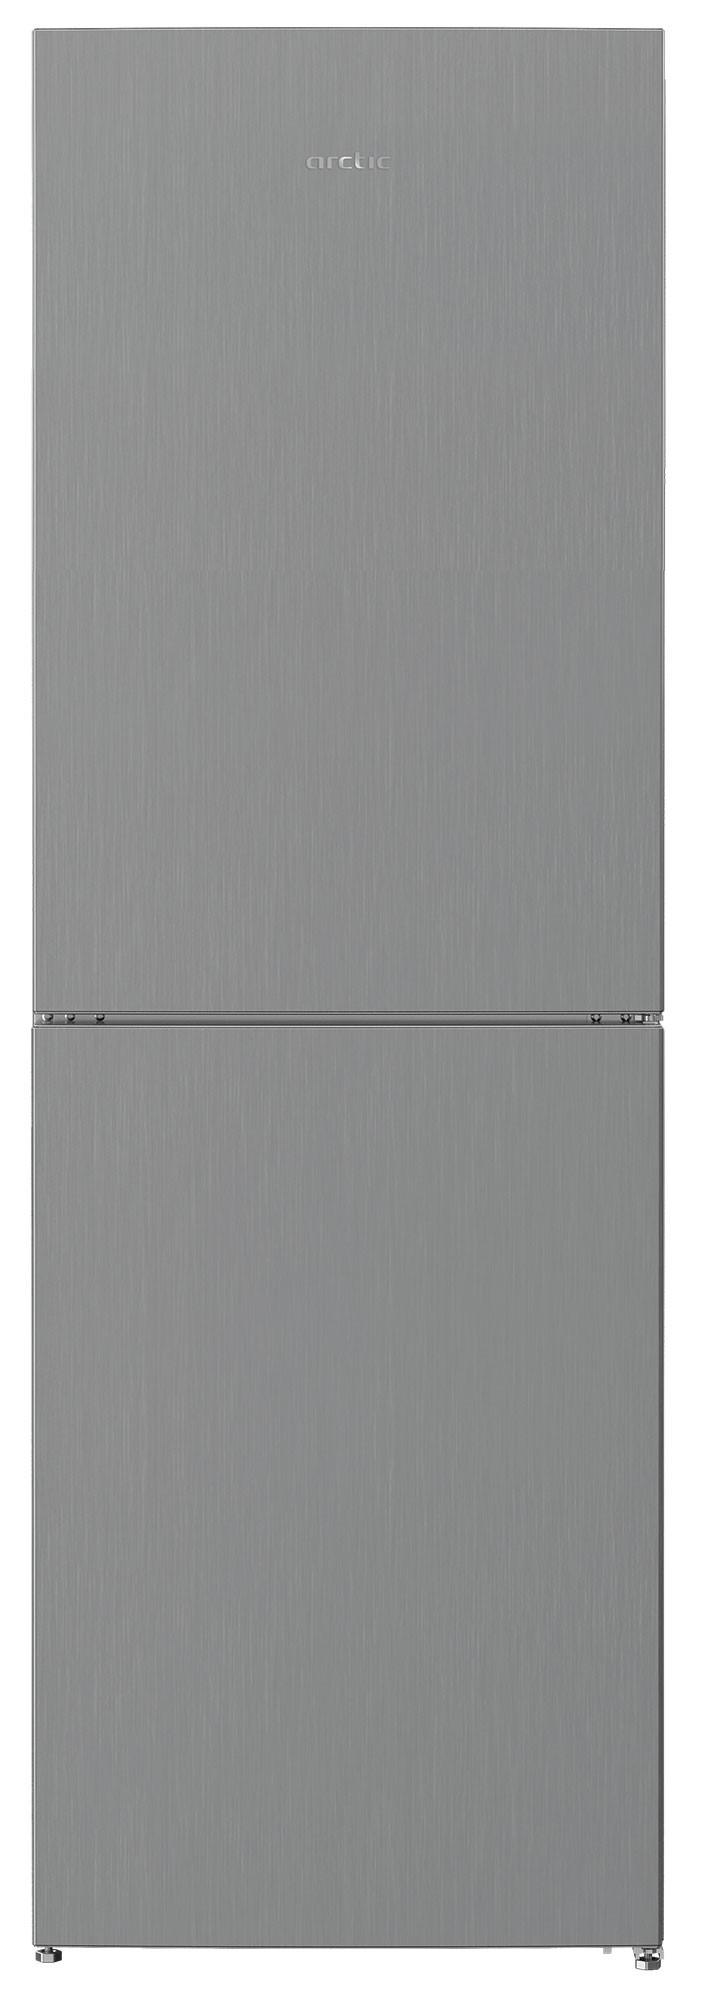 Combina frigorifica Arctic AK60386NFMT++, 358 L, Full No Frost, Inox, A